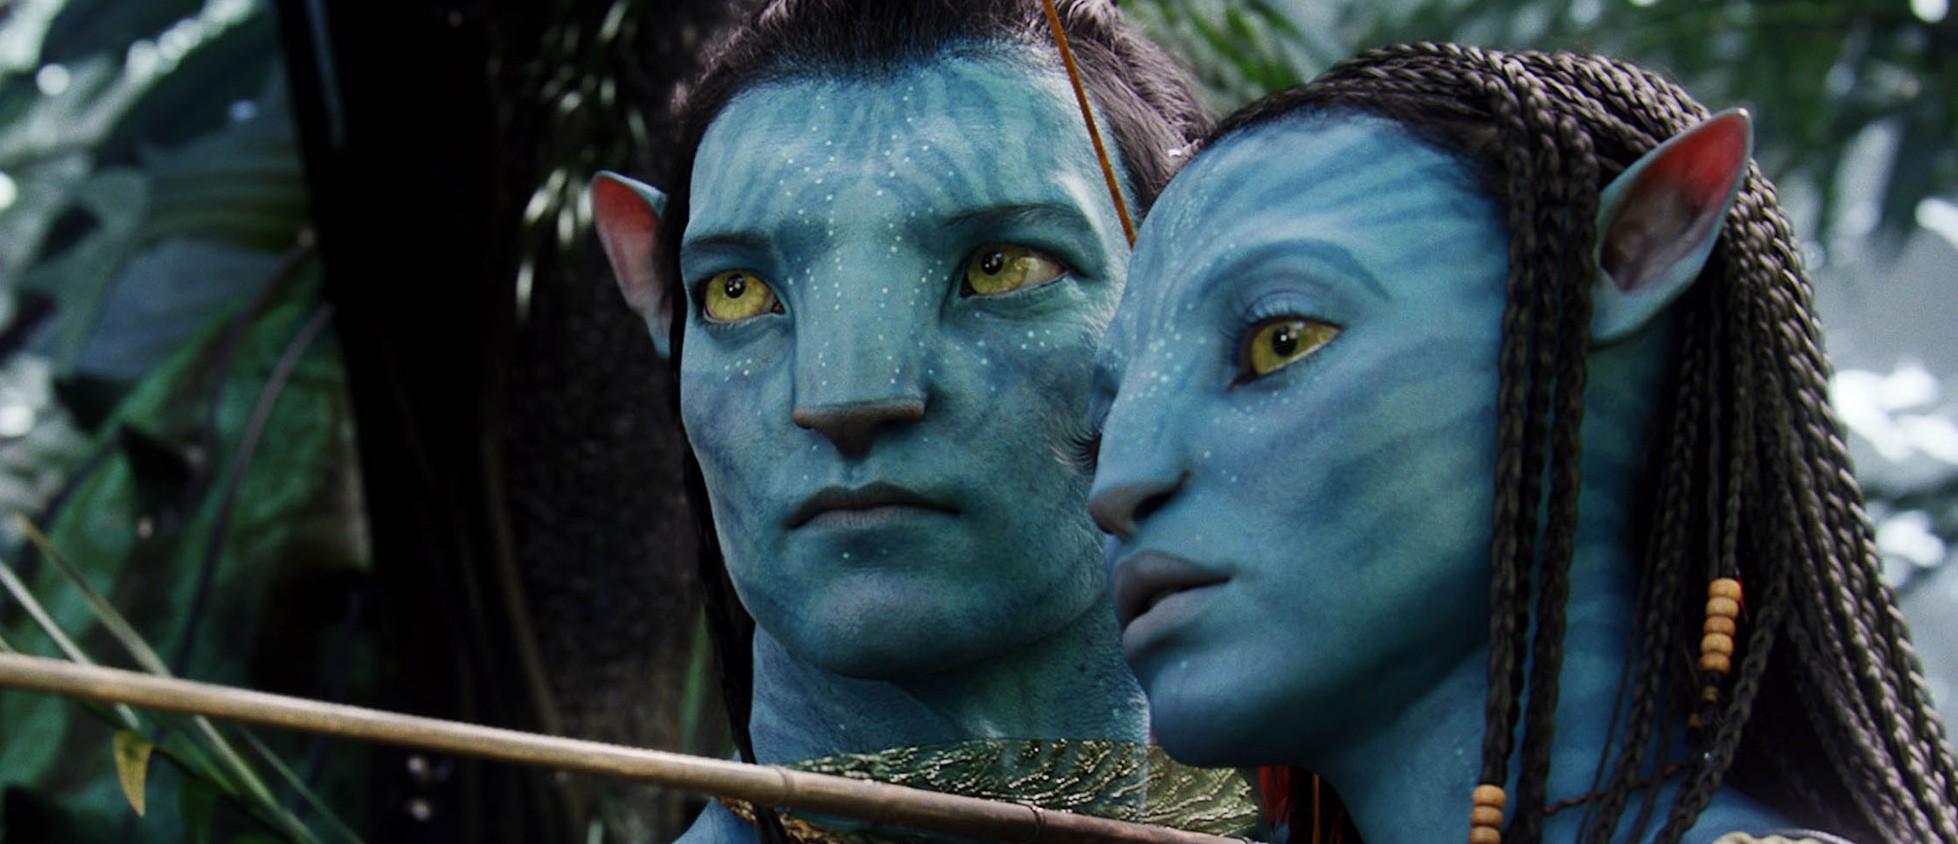 Sam Worthington og Zoe Saldana er med i Avatar-oppfølgerne